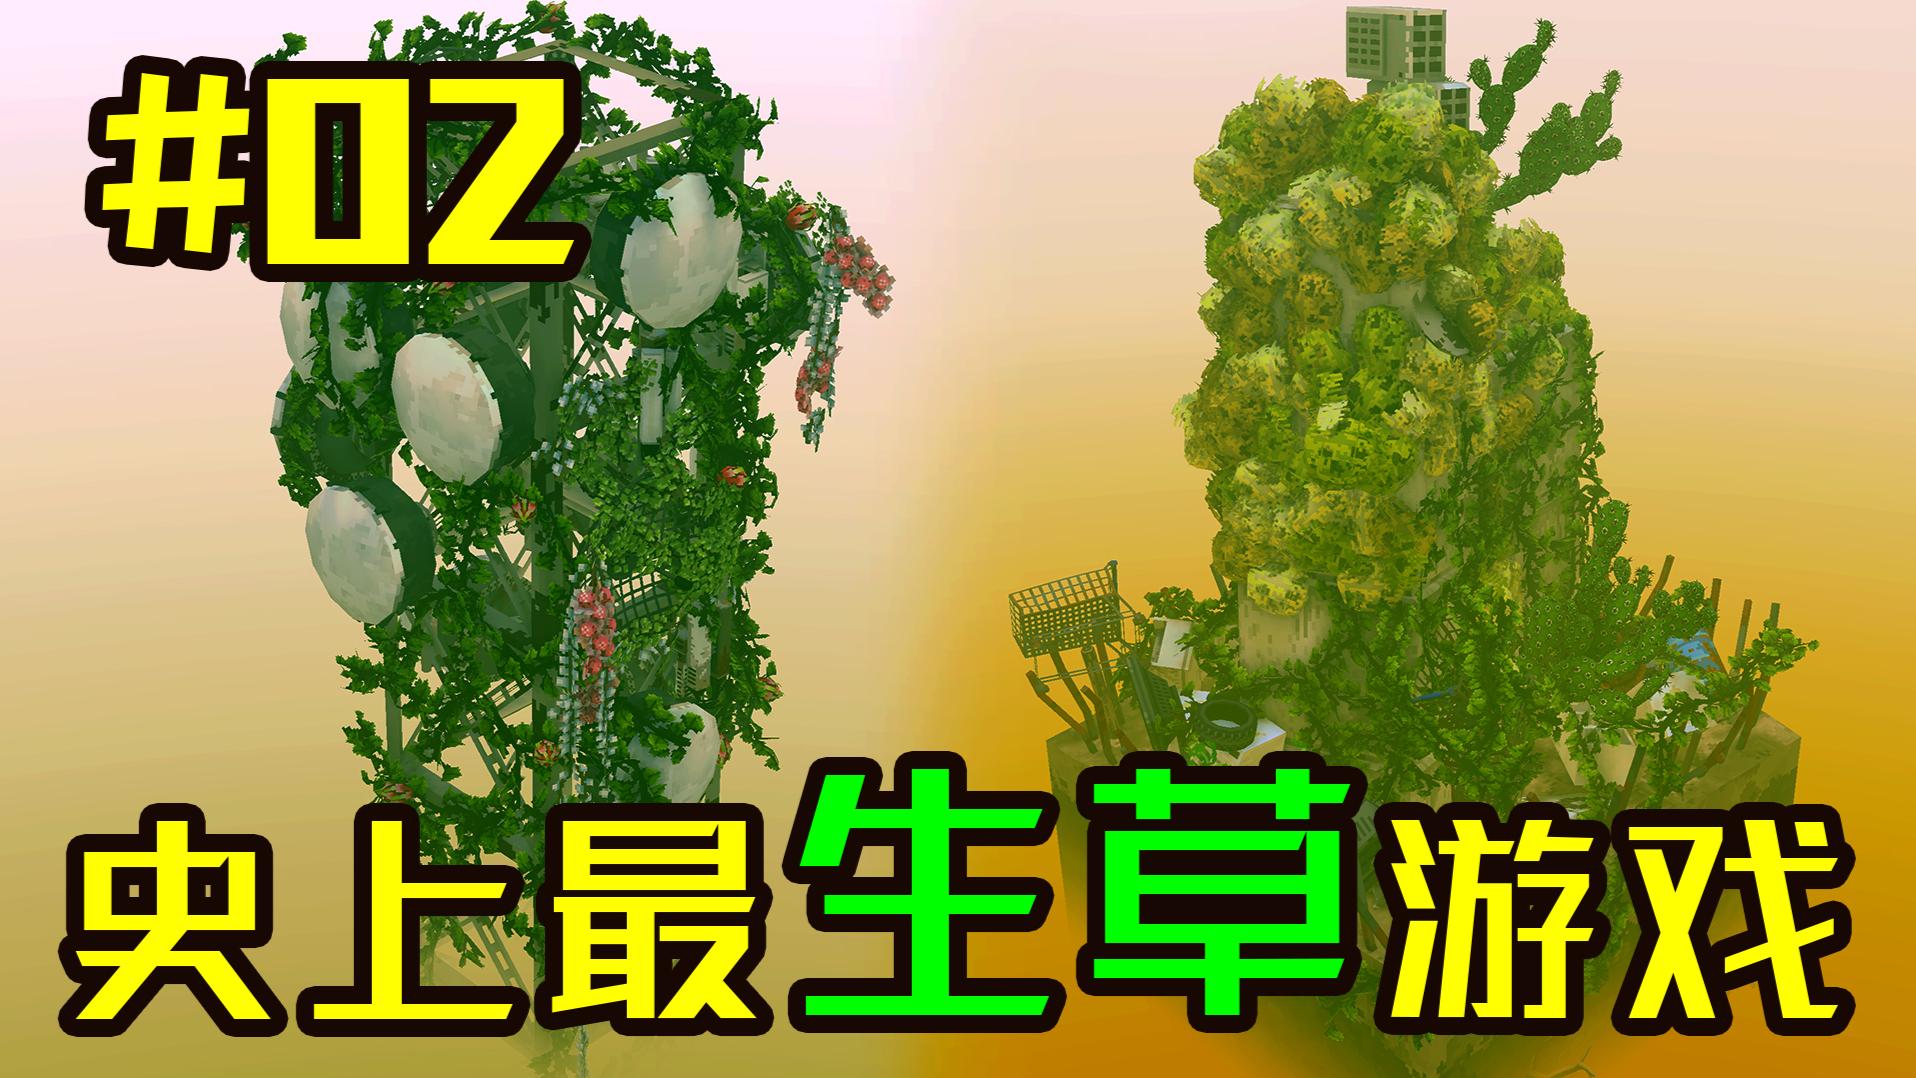 【独家】克苏鲁植物出现了!增殖速度奇快无比!《Cloud Gardens》#02【QPC】